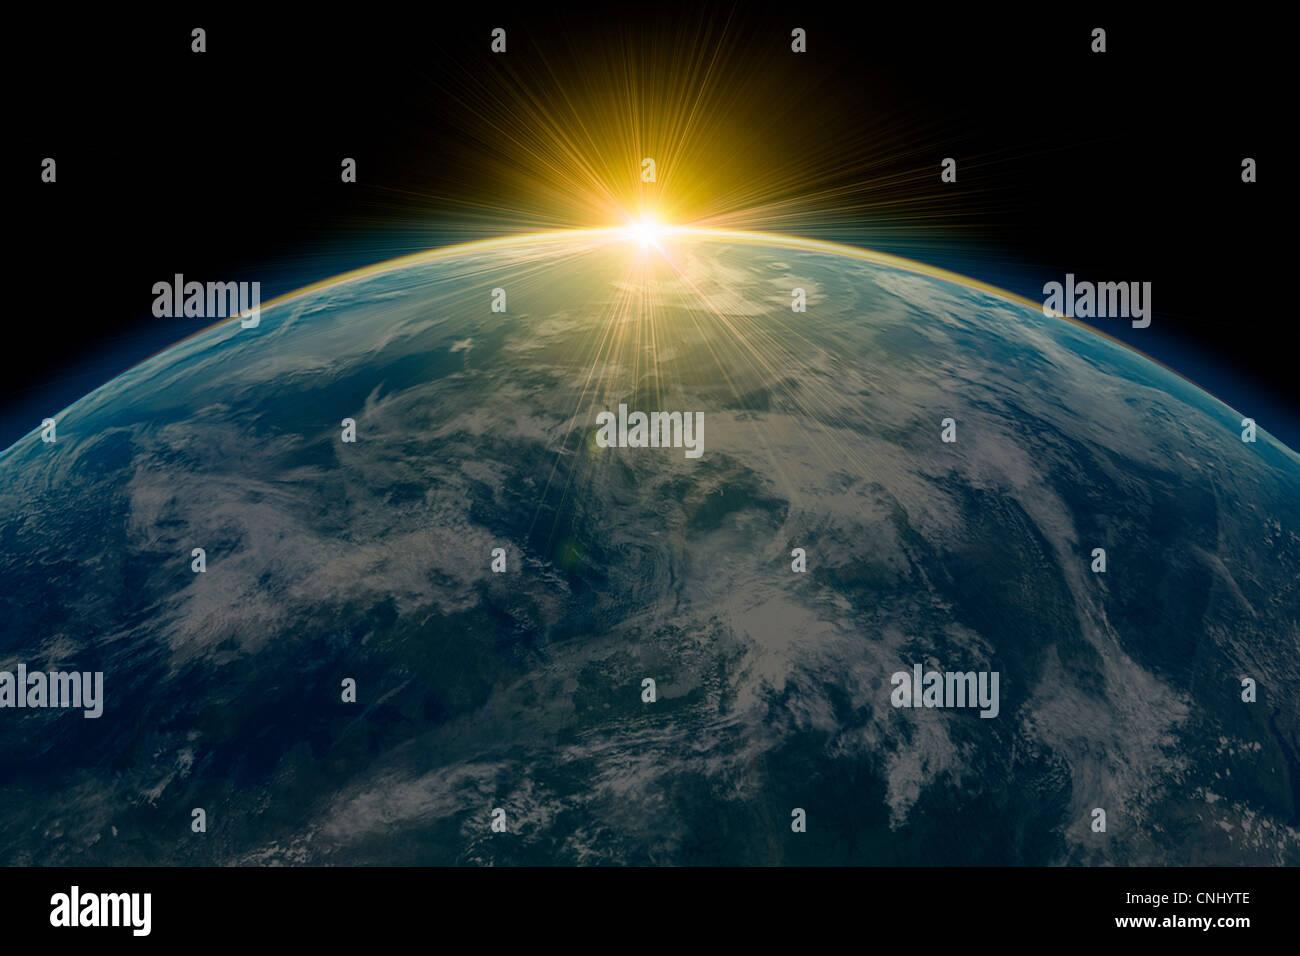 Amanecer sobre el planeta tierra Imagen De Stock